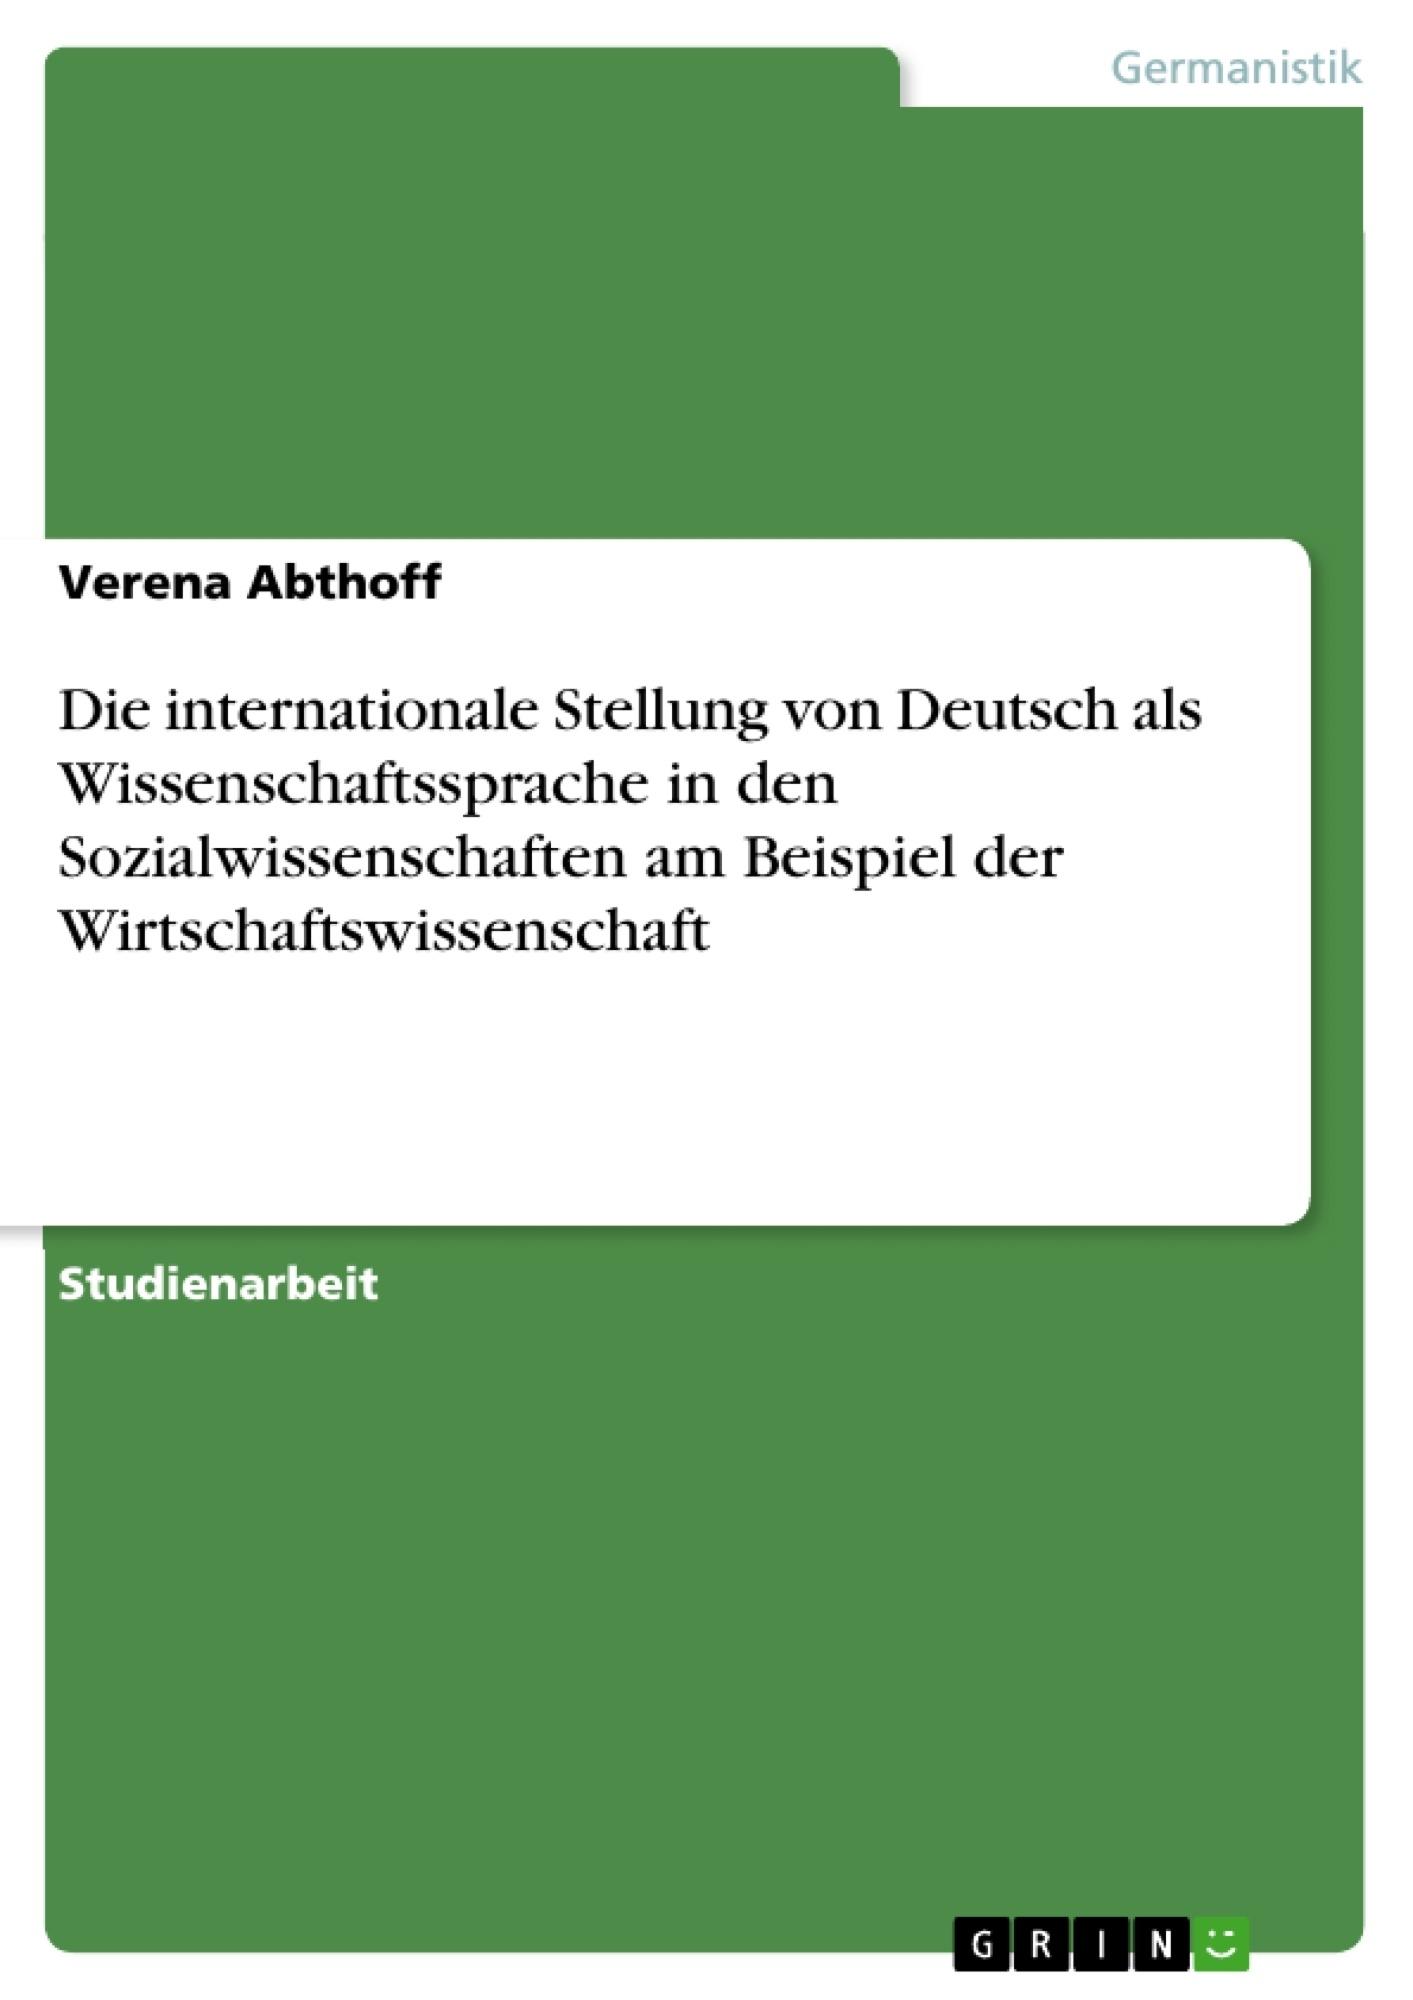 Titel: Die internationale Stellung von Deutsch als Wissenschaftssprache in den Sozialwissenschaften am Beispiel der Wirtschaftswissenschaft